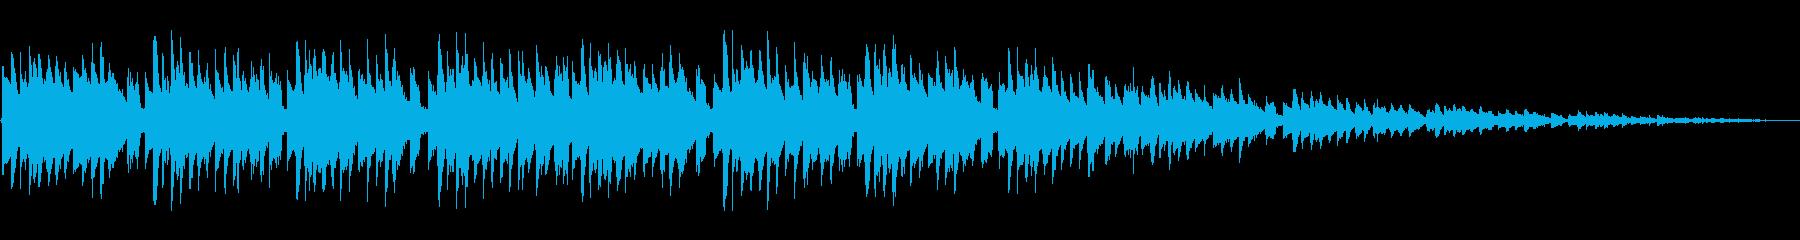 Aギター生演奏-感動的ピアノとともに2の再生済みの波形